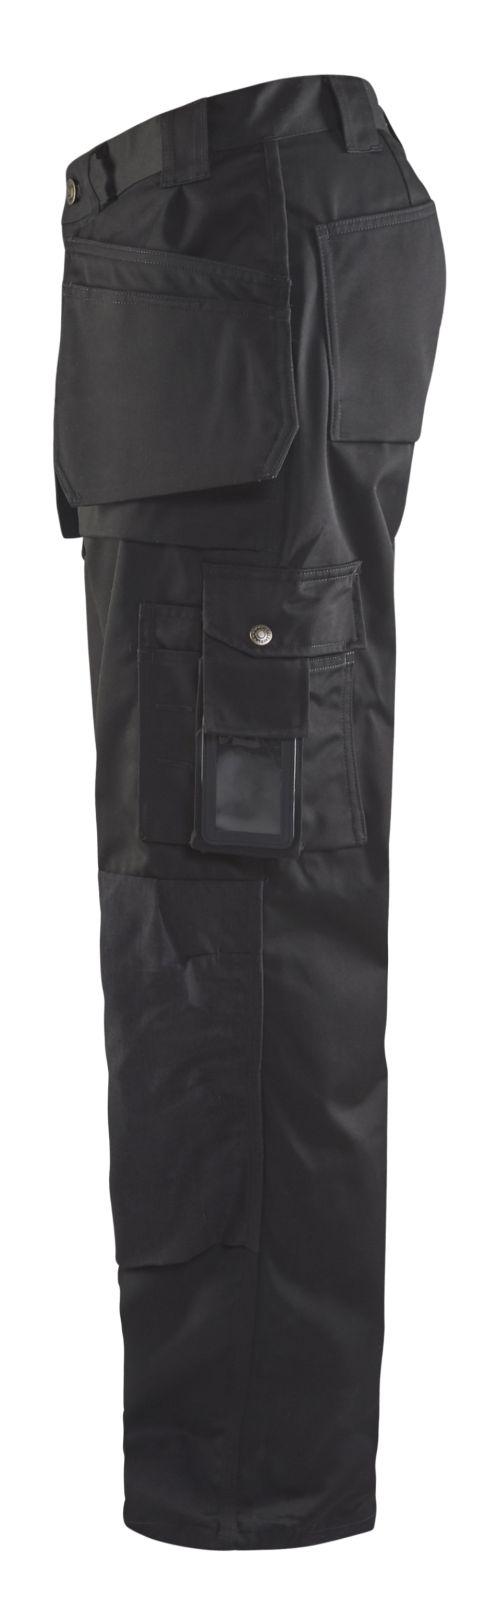 Blaklader Werkbroeken 15301860 zwart(9900)